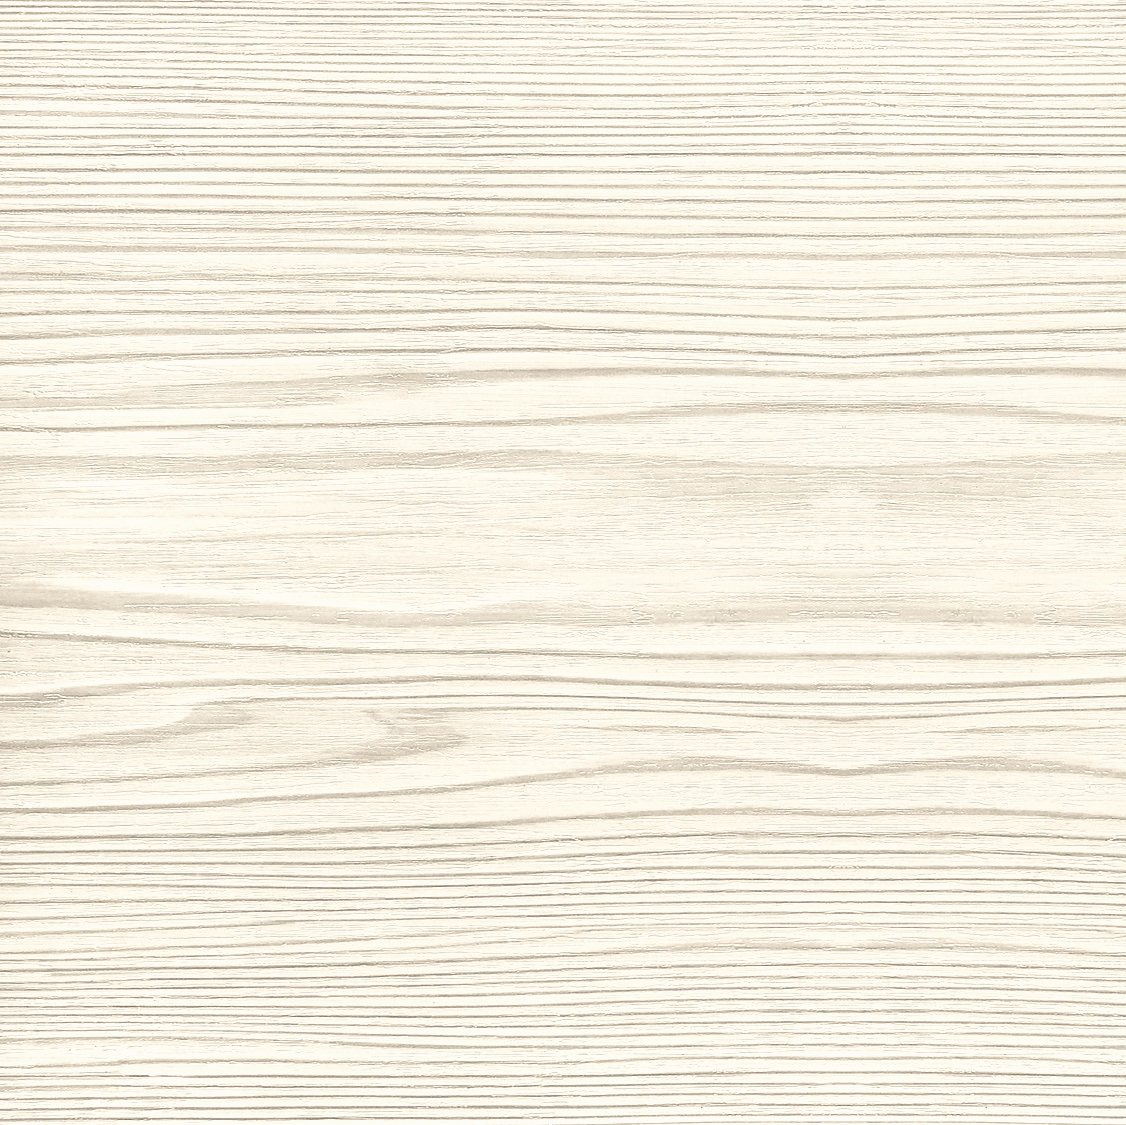 Colorit Lakierobejca Drewna 25l Brzoza Biała Szybkoschnąca Satynowa Farba Do